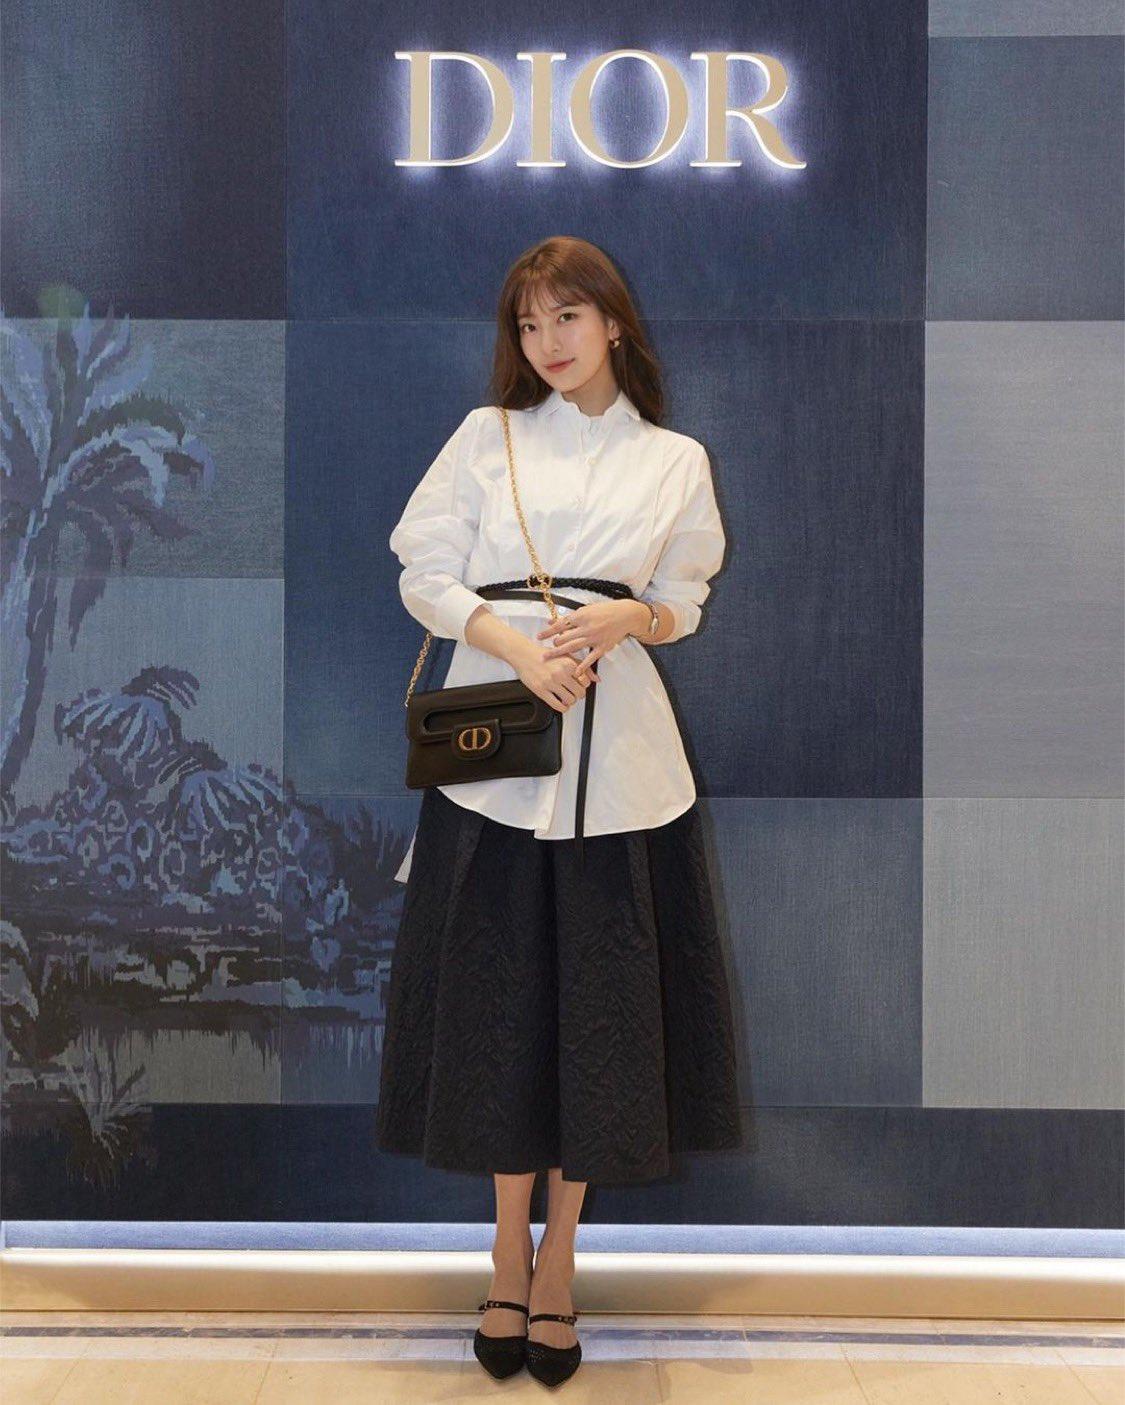 """Vượt mặt Jisoo, Suzy mới là sao Hàn được Dior ưu ái đến độ đặc biệt """"độc nhất vô nhị"""" như thế này - Ảnh 5."""